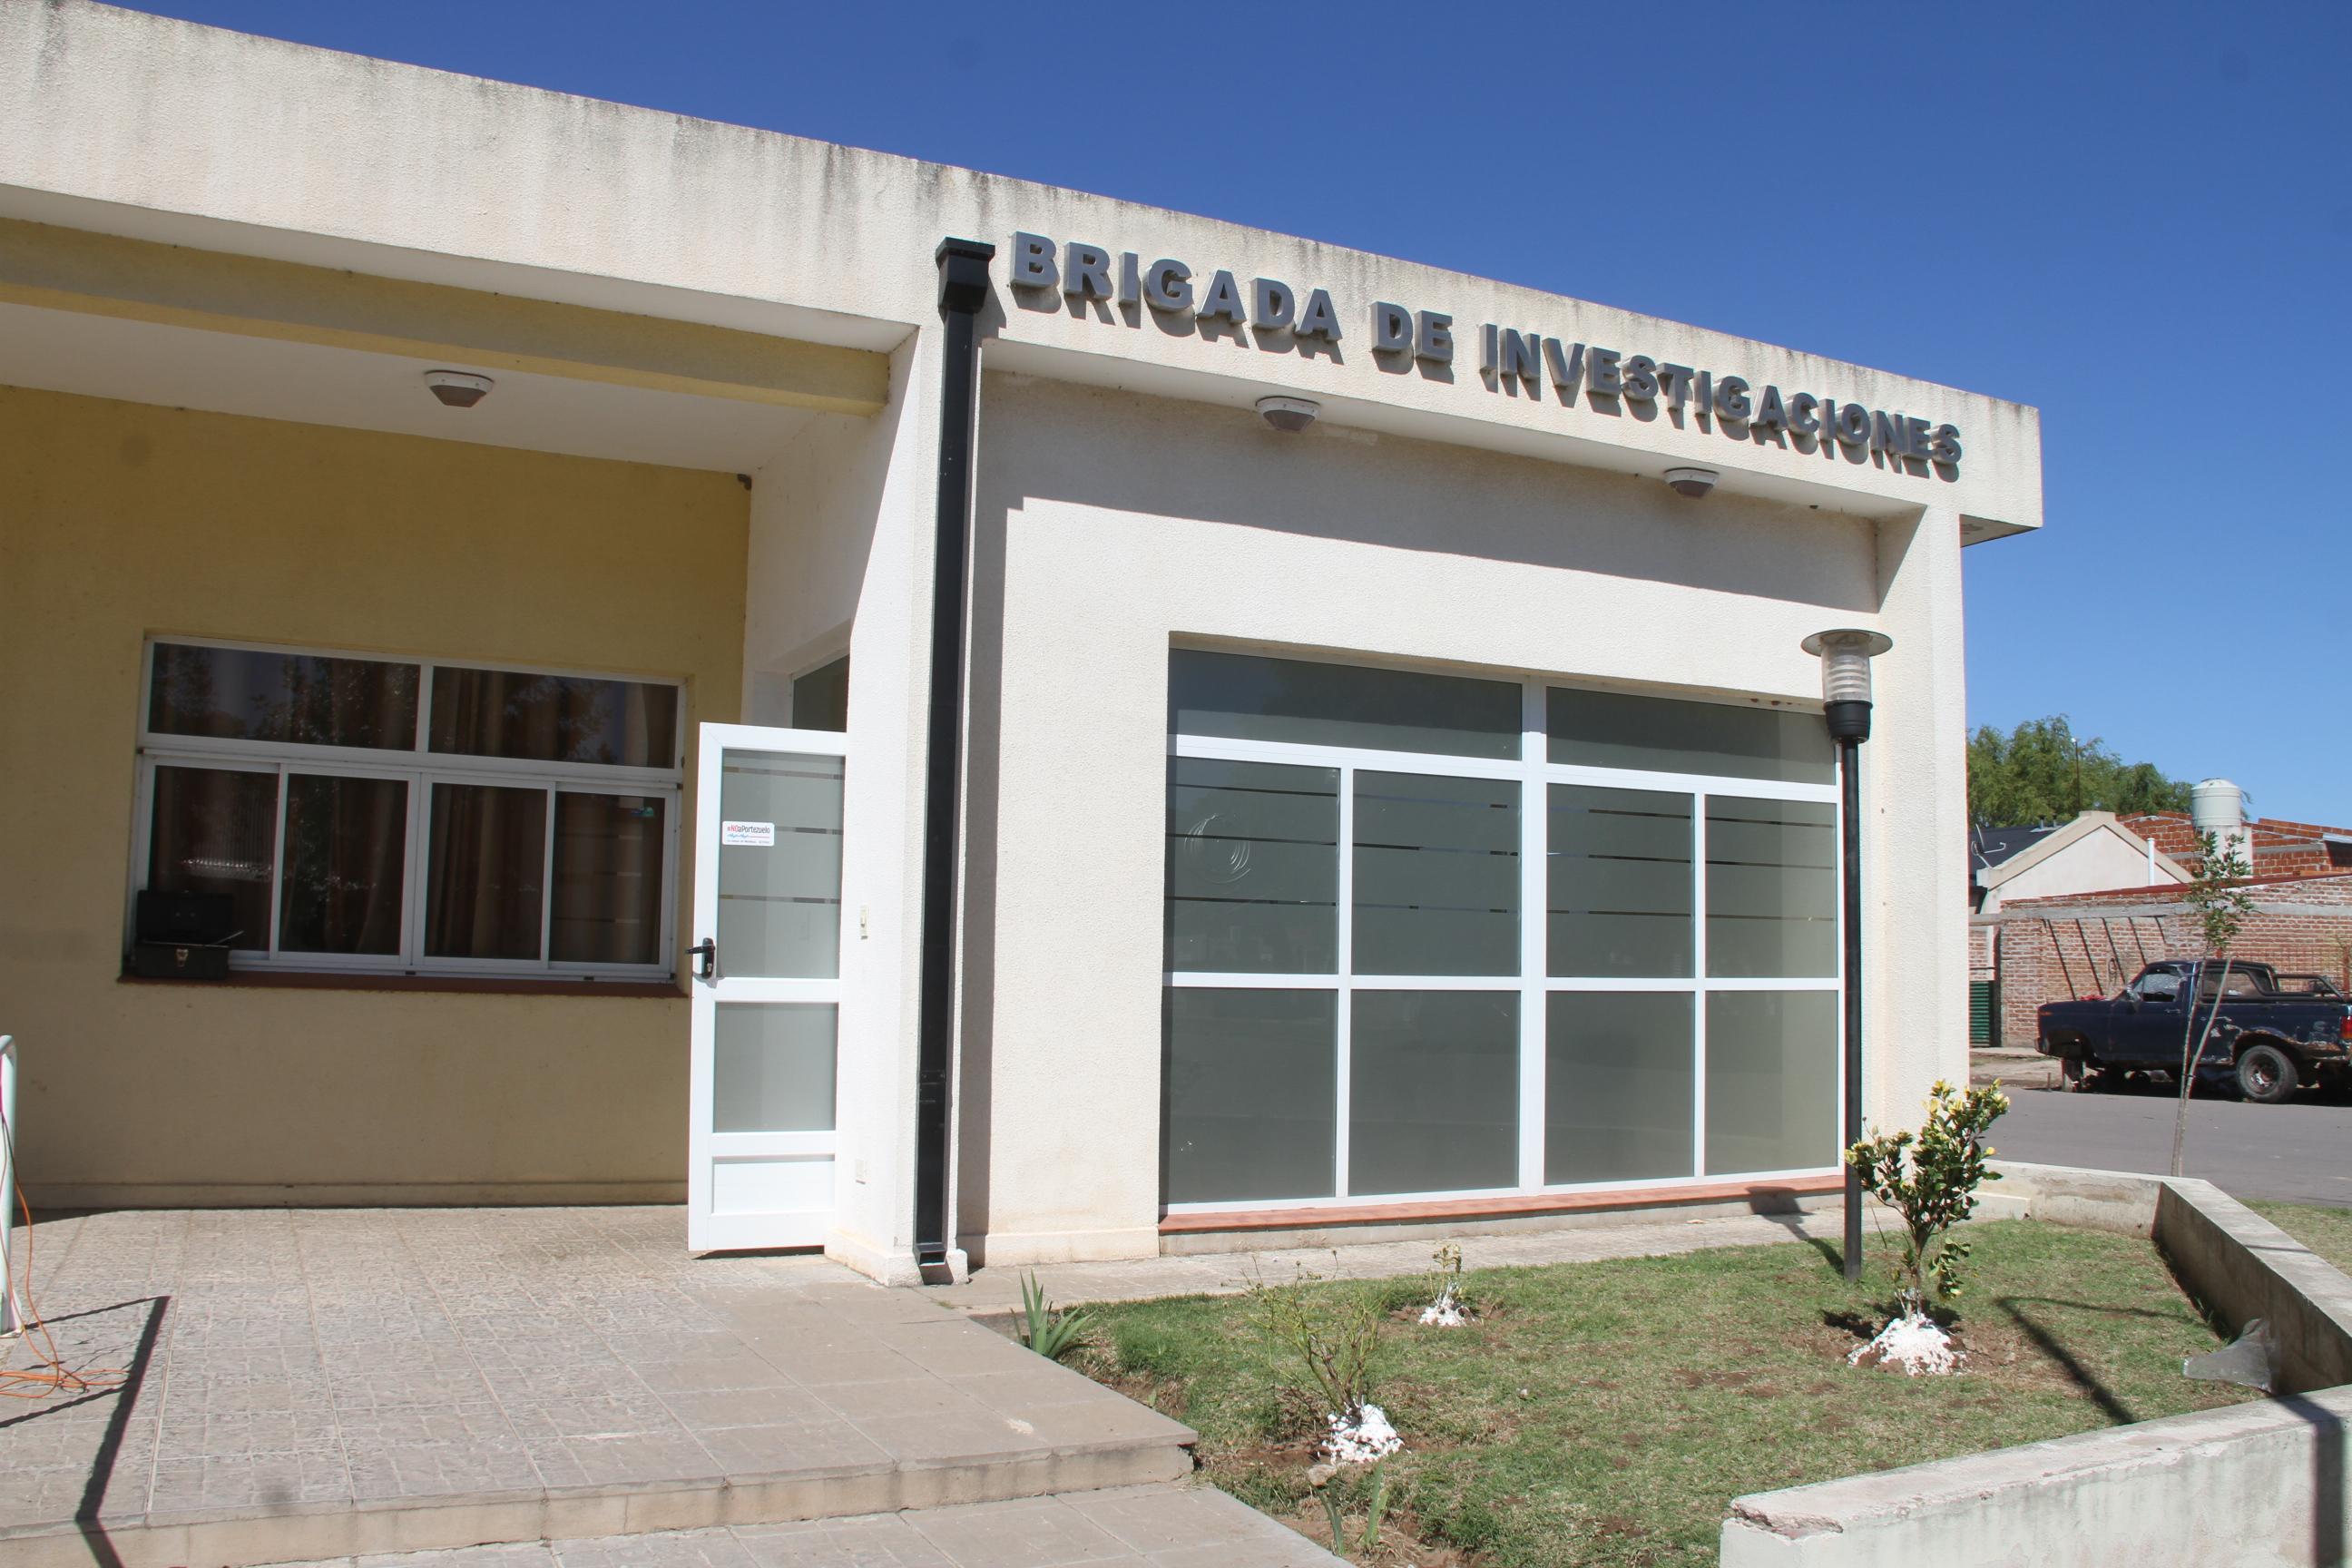 La policía habilitó las Plantas de Verificación de Automotores en toda la provincia de La Pampa